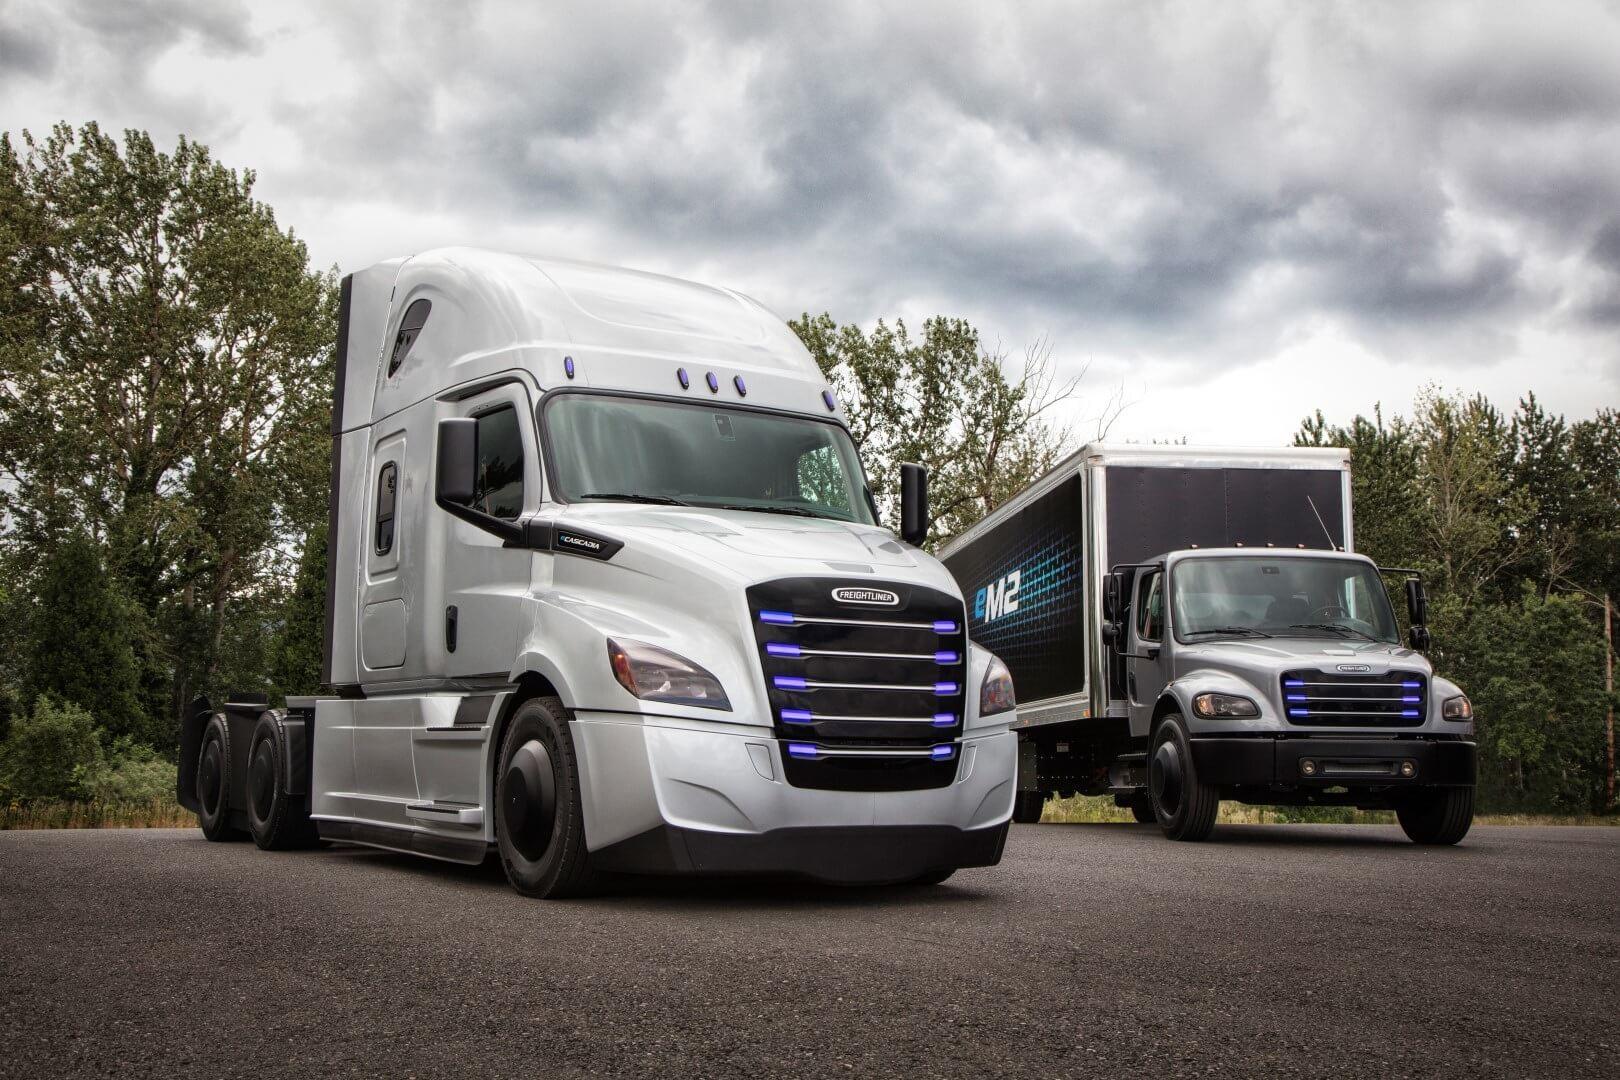 Электрические тягачи Daimler Trucks: Freightliner eCascadia и Freightliner eM2 106